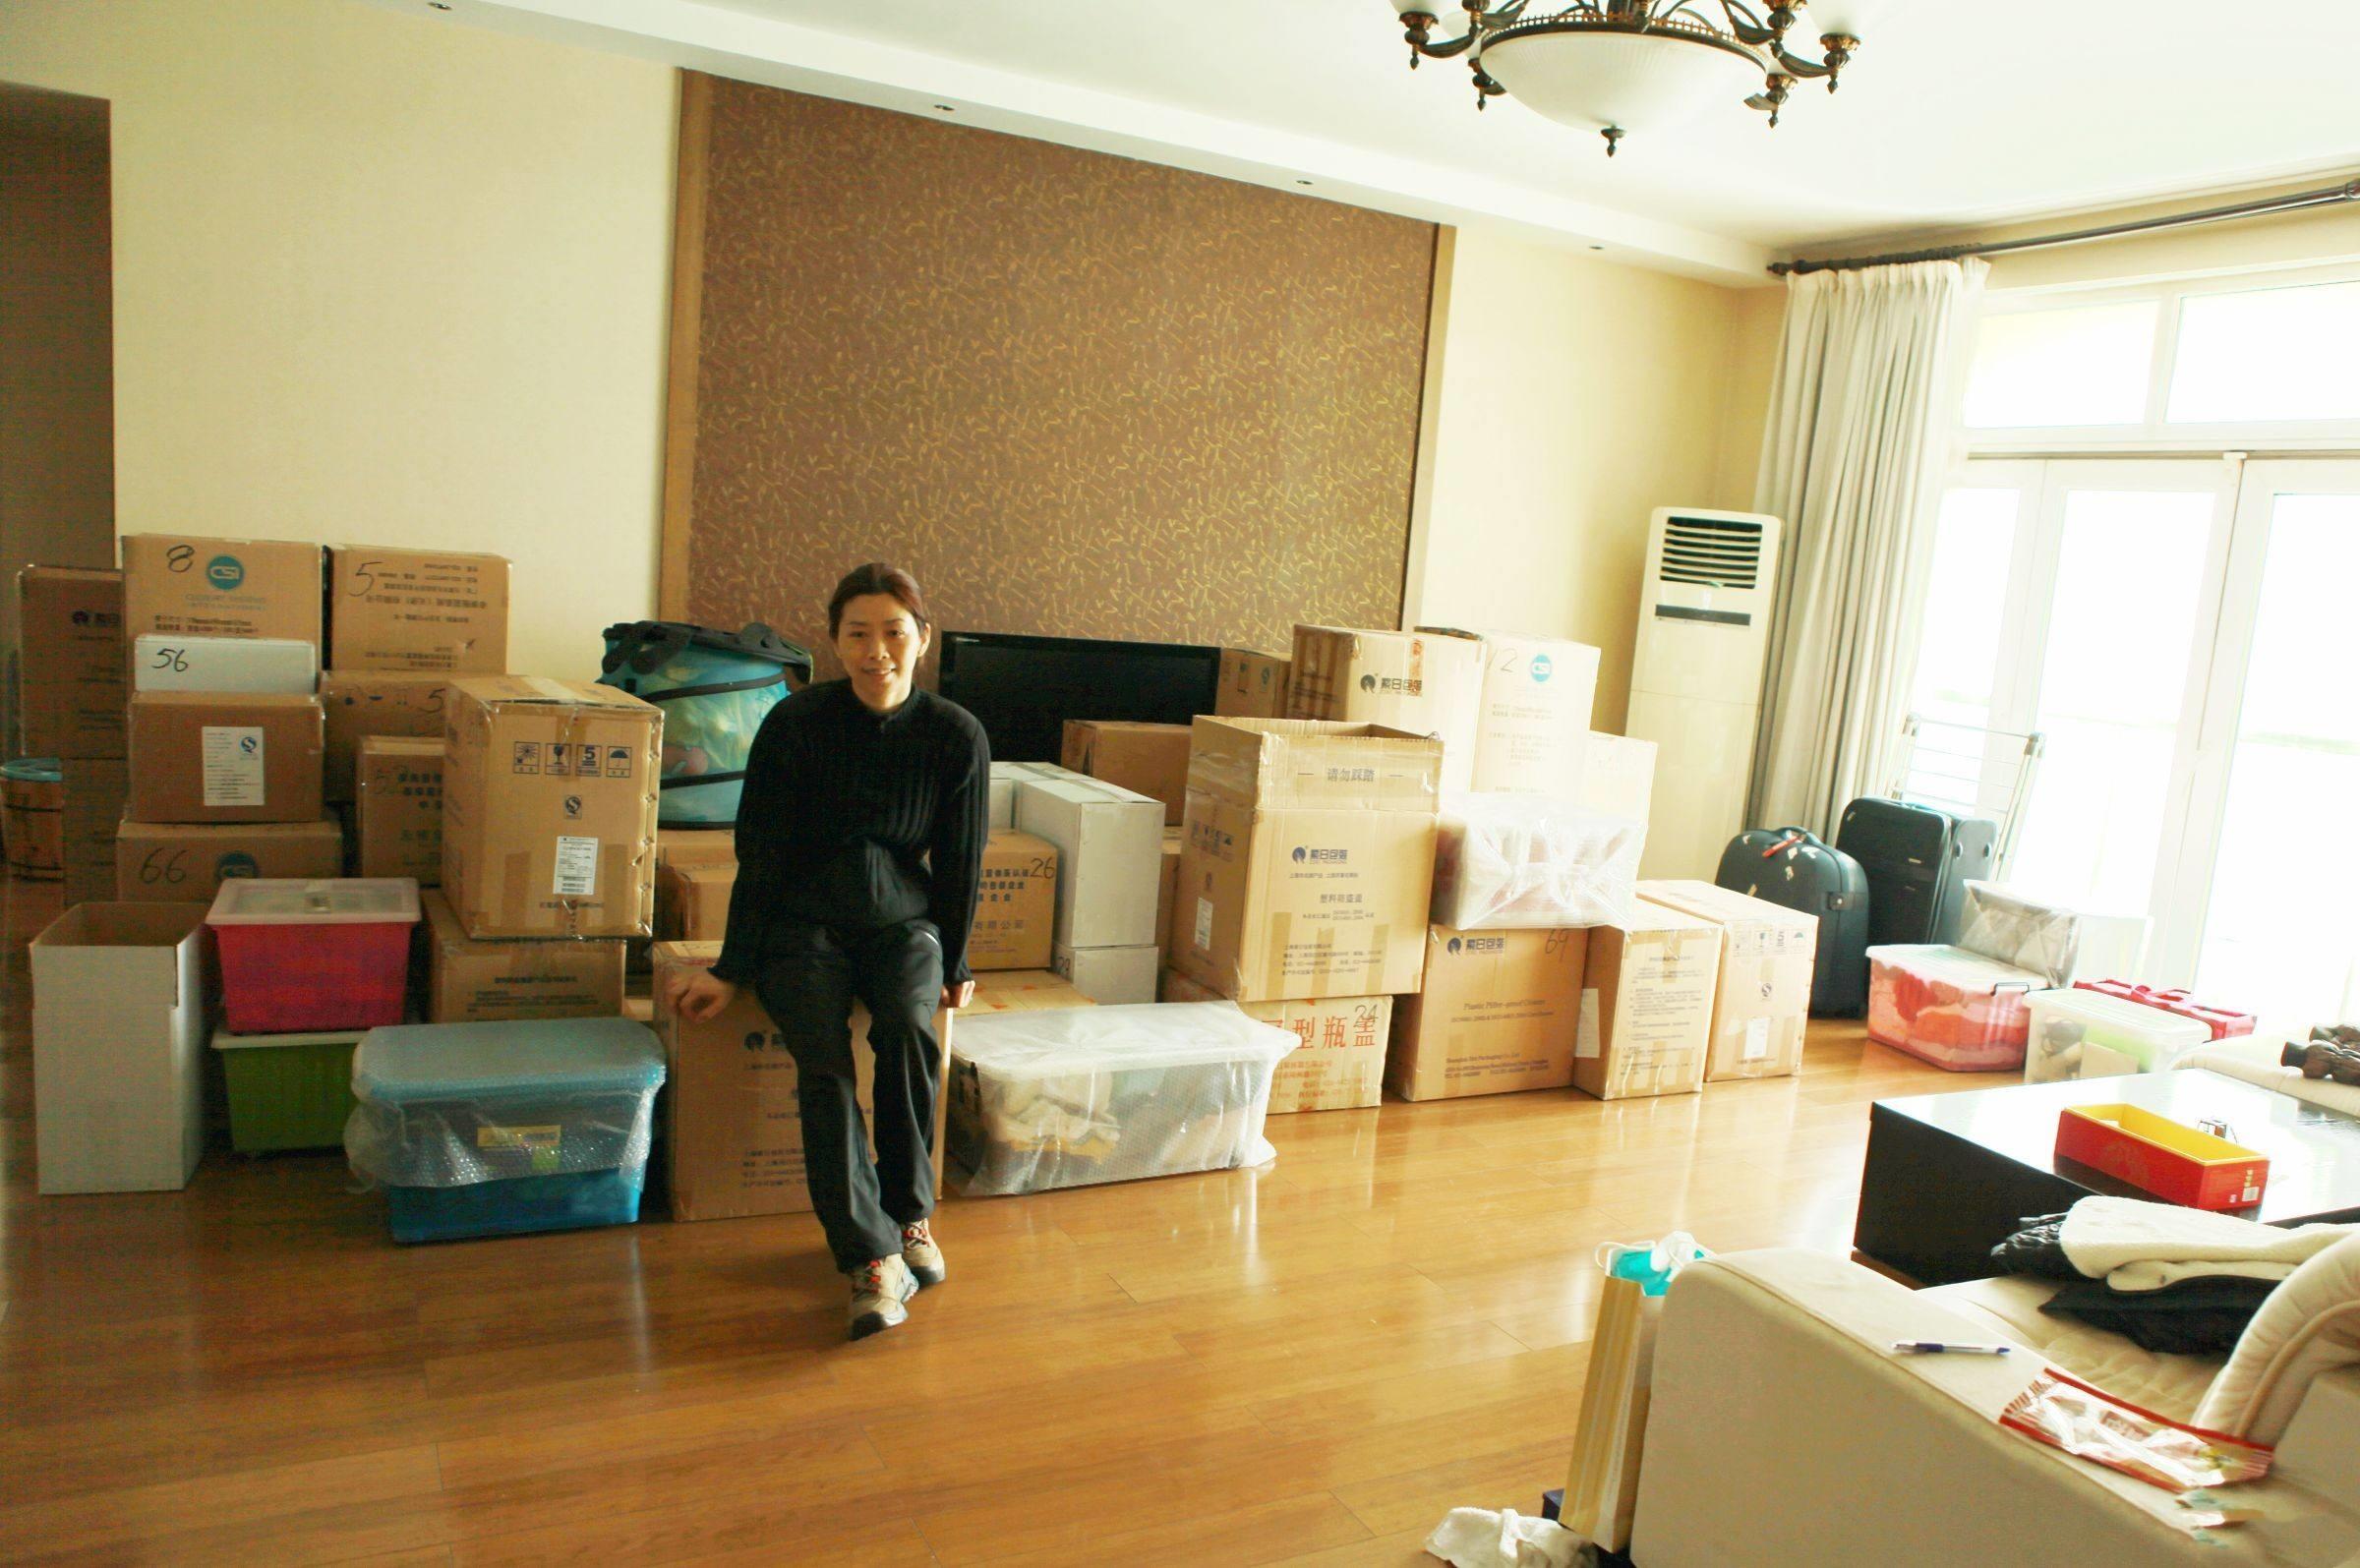 搬家按照这六个步骤做,少走弯路,少花钱